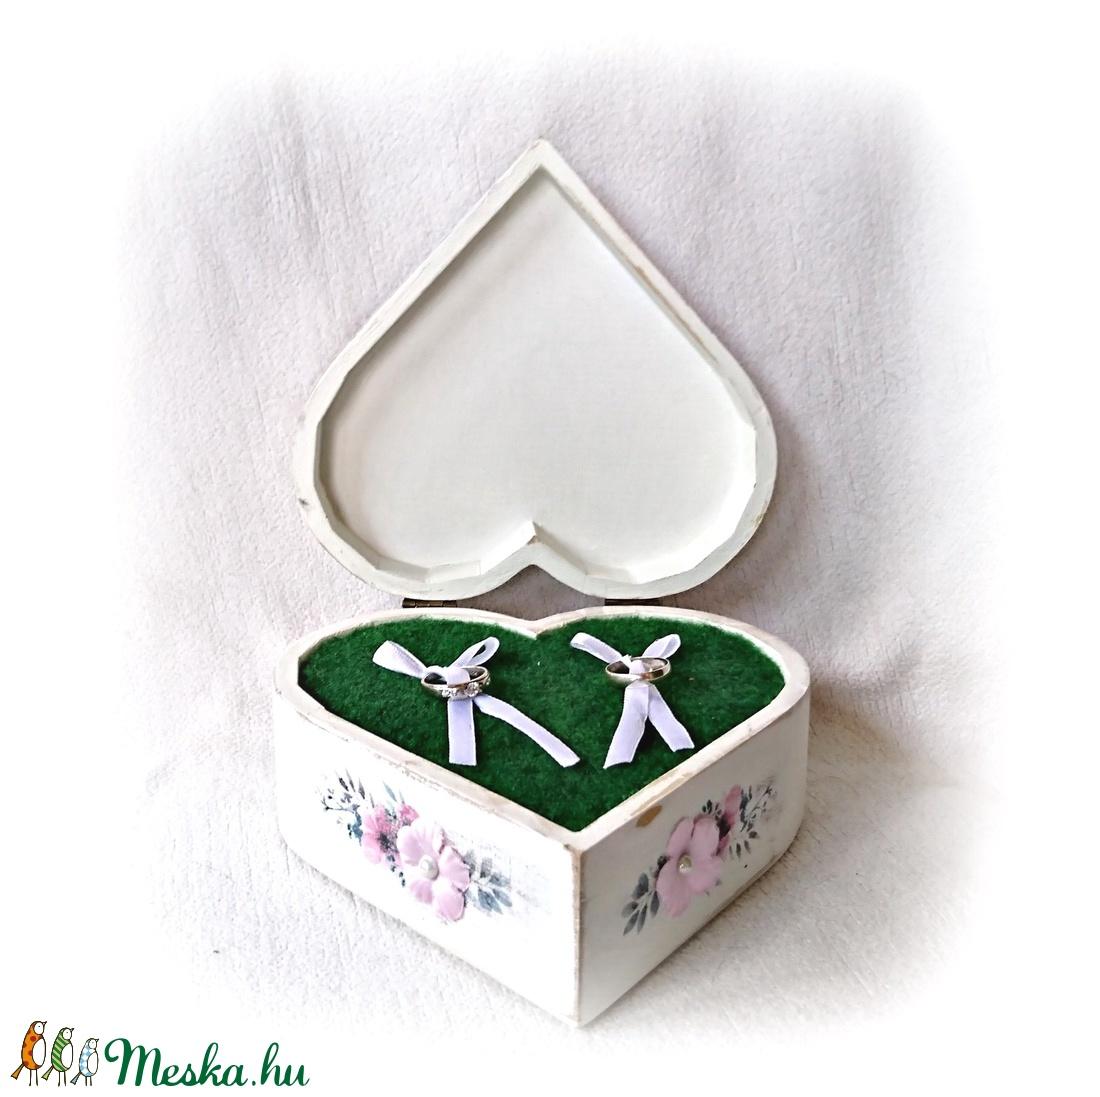 Szív alakú gyűrűtartó fadoboz,nevekkel és dátummal a tetején.,antikolt, vintage, esküvő - esküvő - kiegészítők - gyűrűtartó & gyűrűpárna - Meska.hu